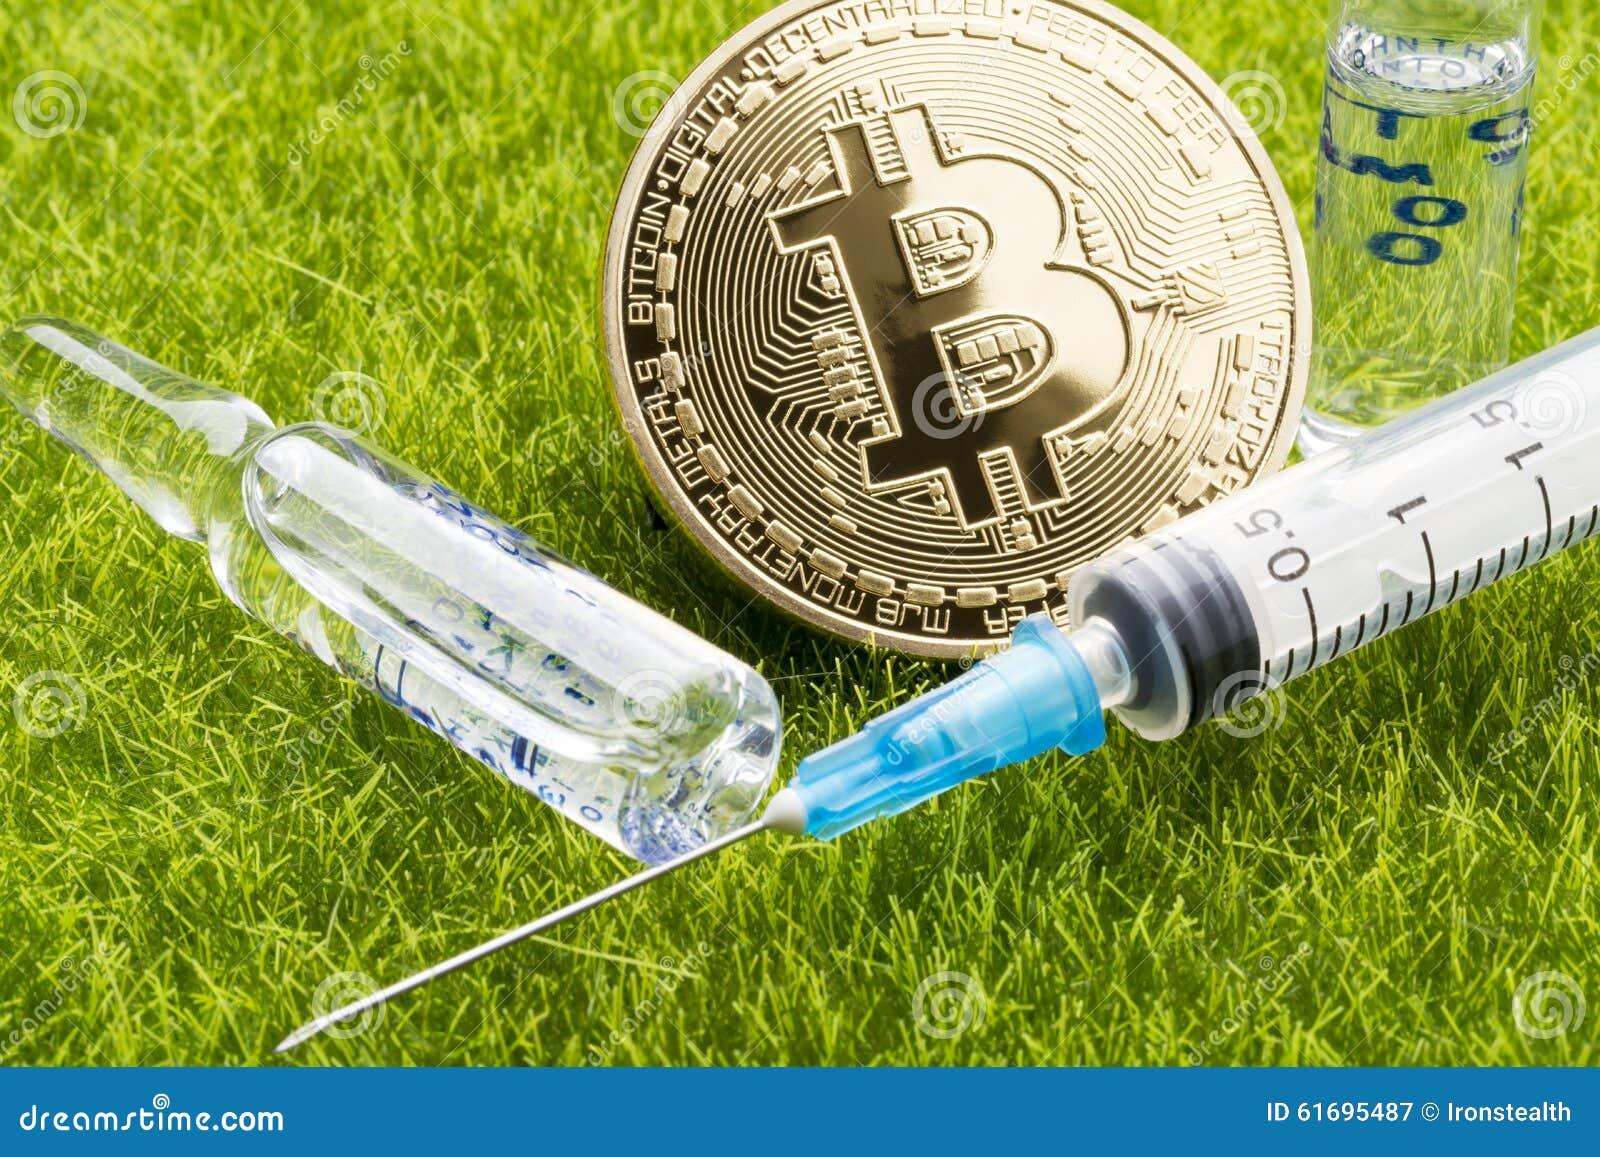 bitcoin healthcare